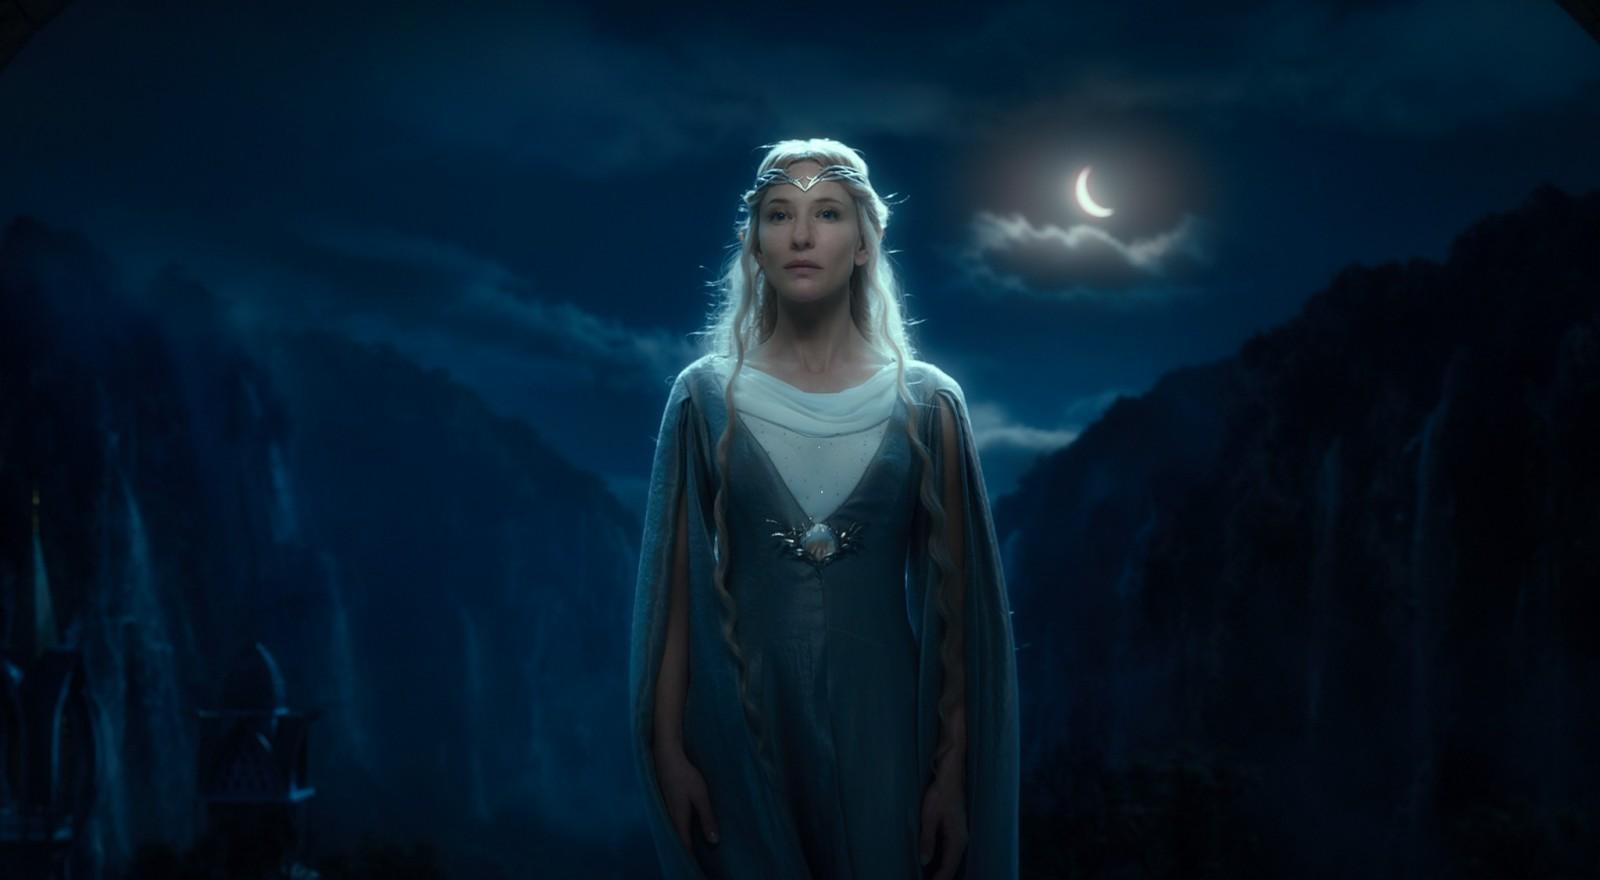 O Senhor dos Anéis | Tudo que precisa saber sobre Lady Galadriel